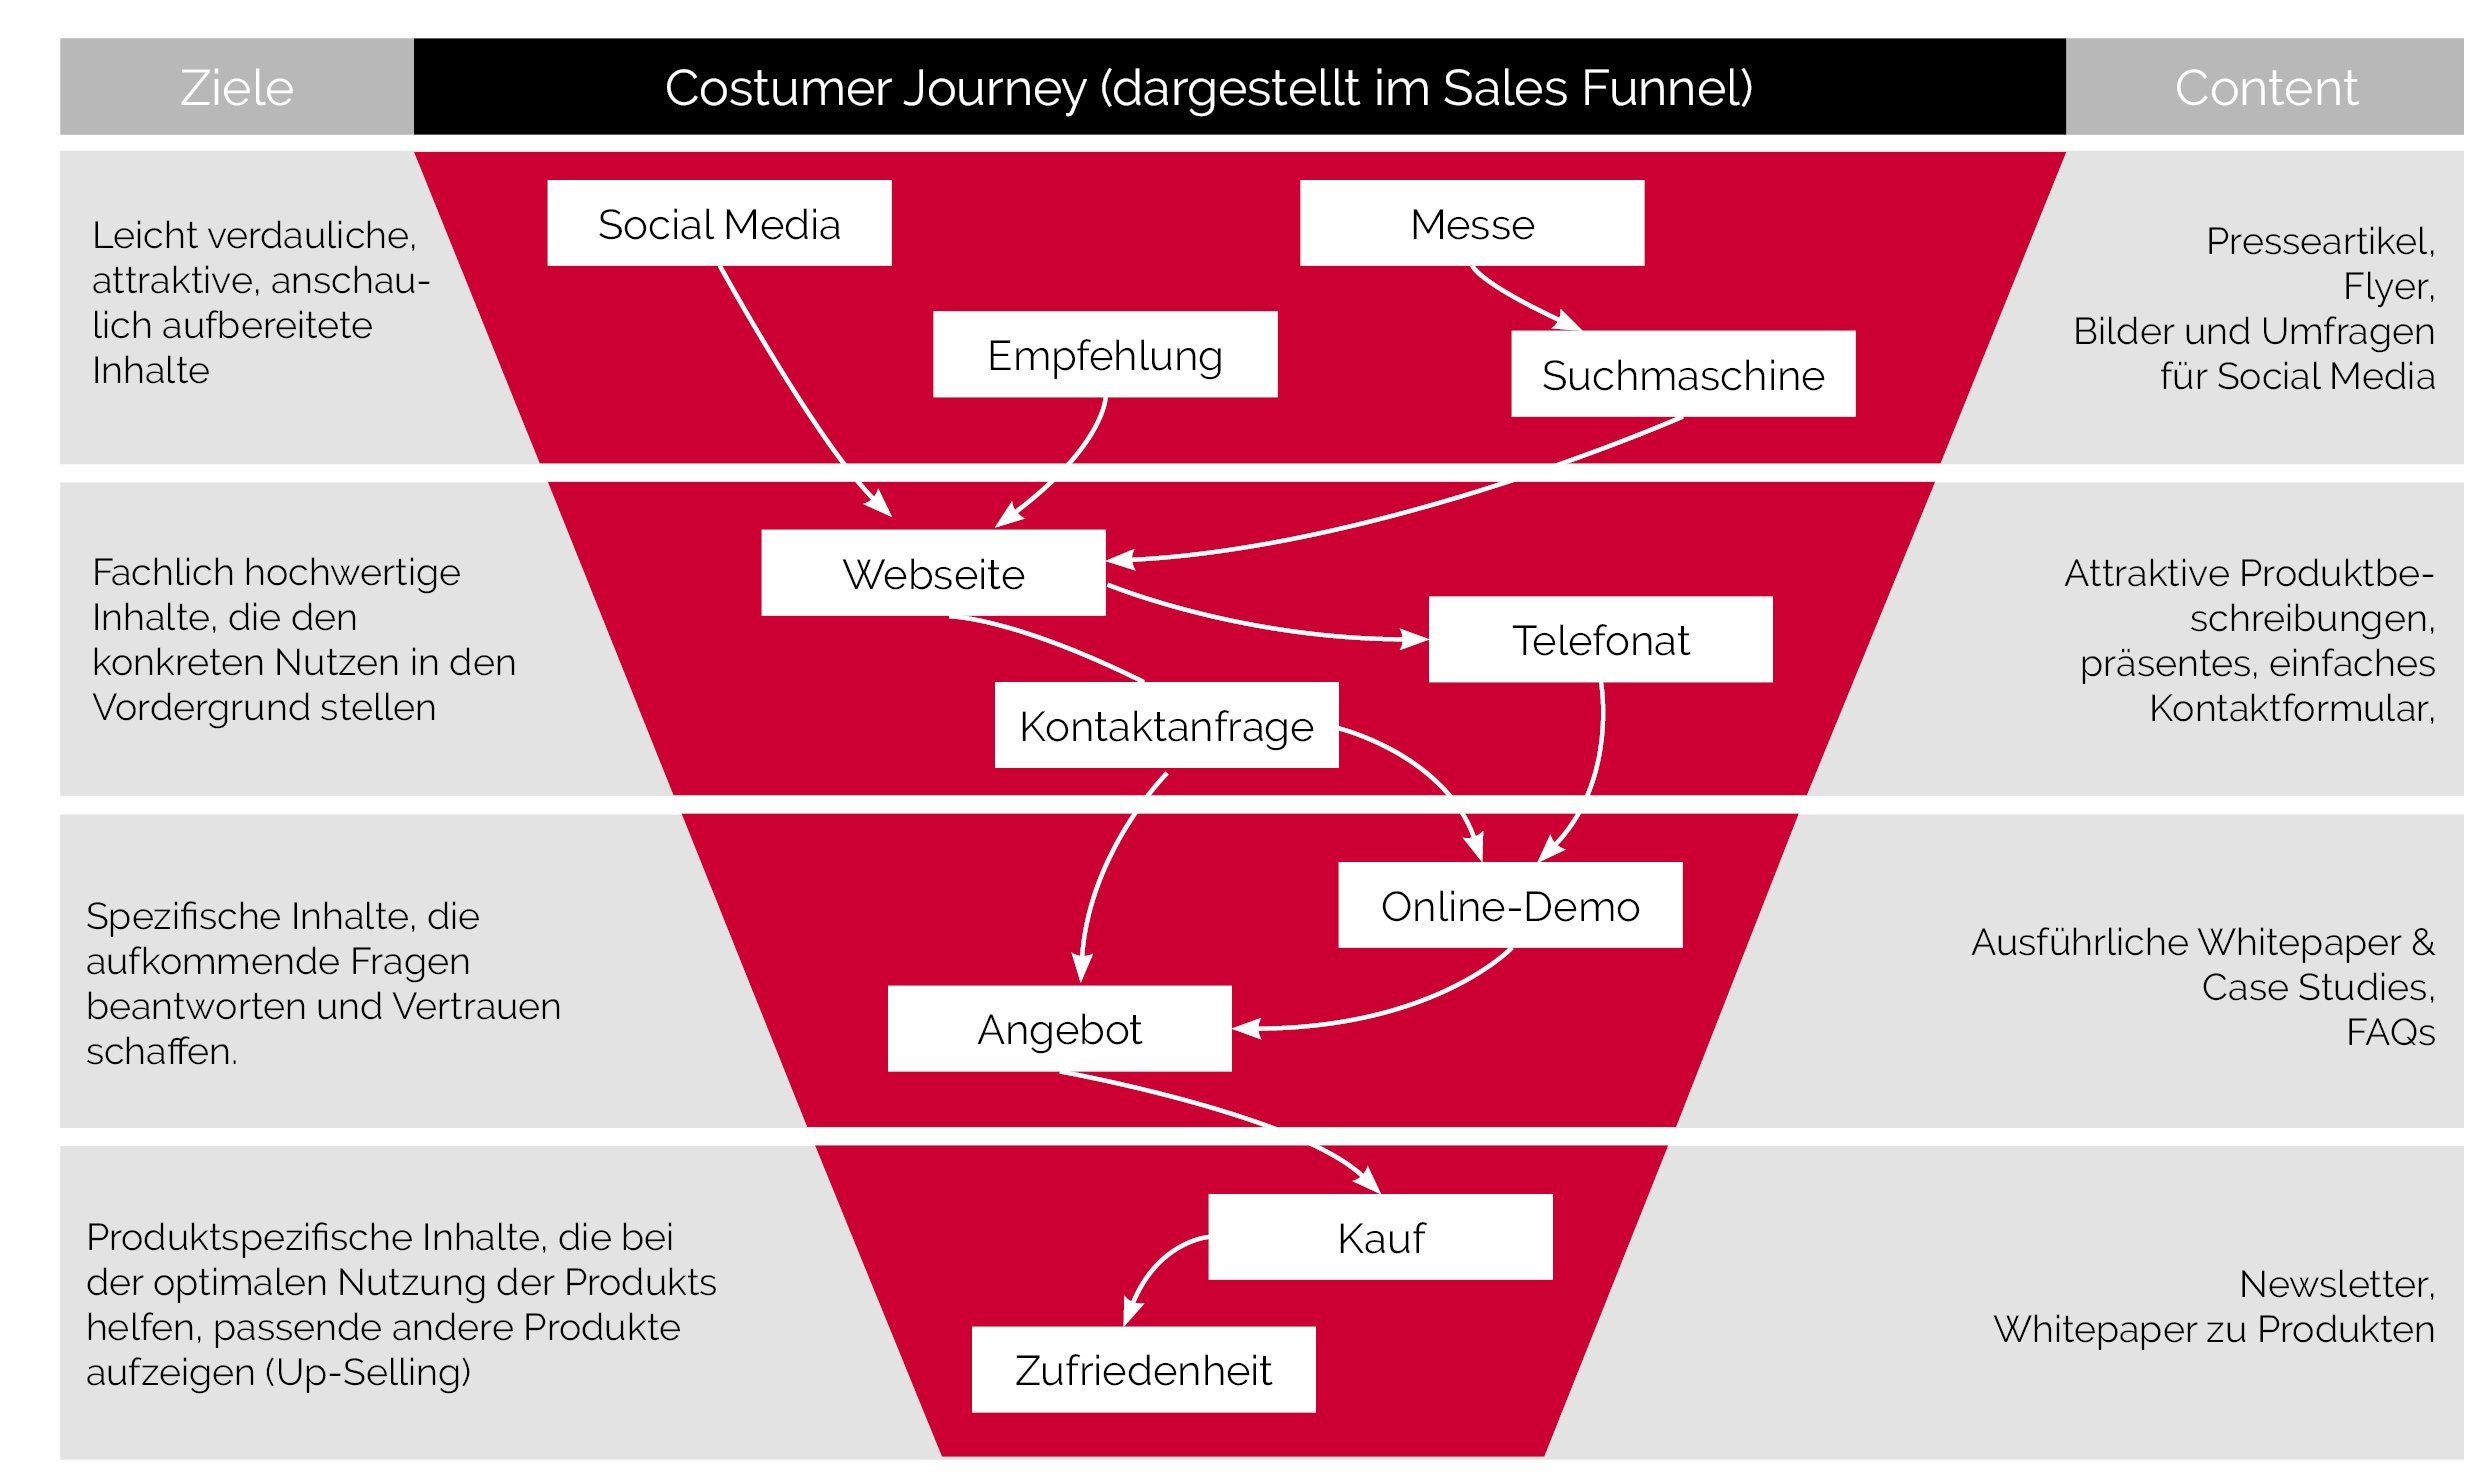 Wie Du Dein Content Angebot Für Deinen Costumer Journey Optimierst